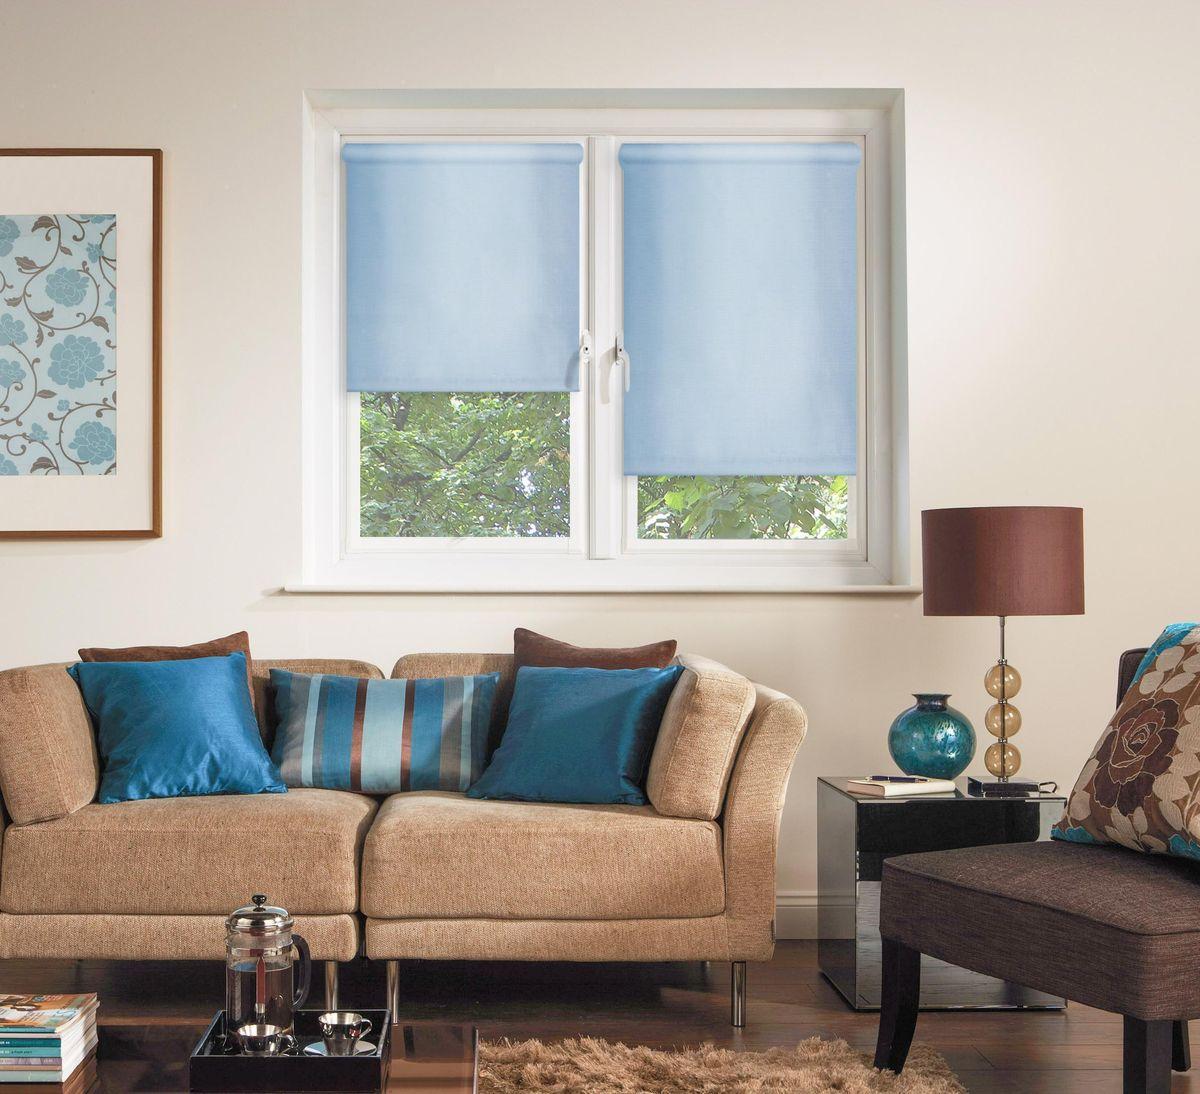 Штора рулонная Эскар, цвет: голубой, ширина 150 см, высота 170 см81005150170Рулонными шторами можно оформлять окна как самостоятельно, так и использовать в комбинации с портьерами. Это поможет предотвратить выгорание дорогой ткани на солнце и соединит функционал рулонных с красотой навесных. Преимущества применения рулонных штор для пластиковых окон: - имеют прекрасный внешний вид: многообразие и фактурность материала изделия отлично смотрятся в любом интерьере; - многофункциональны: есть возможность подобрать шторы способные эффективно защитить комнату от солнца, при этом о на не будет слишком темной. - Есть возможность осуществить быстрый монтаж. ВНИМАНИЕ! Размеры ширины изделия указаны по ширине ткани! Во время эксплуатации не рекомендуется полностью разматывать рулон, чтобы не оторвать ткань от намоточного вала. В случае загрязнения поверхности ткани, чистку шторы проводят одним из способов, в зависимости от типа загрязнения: легкое поверхностное загрязнение можно удалить при помощи...